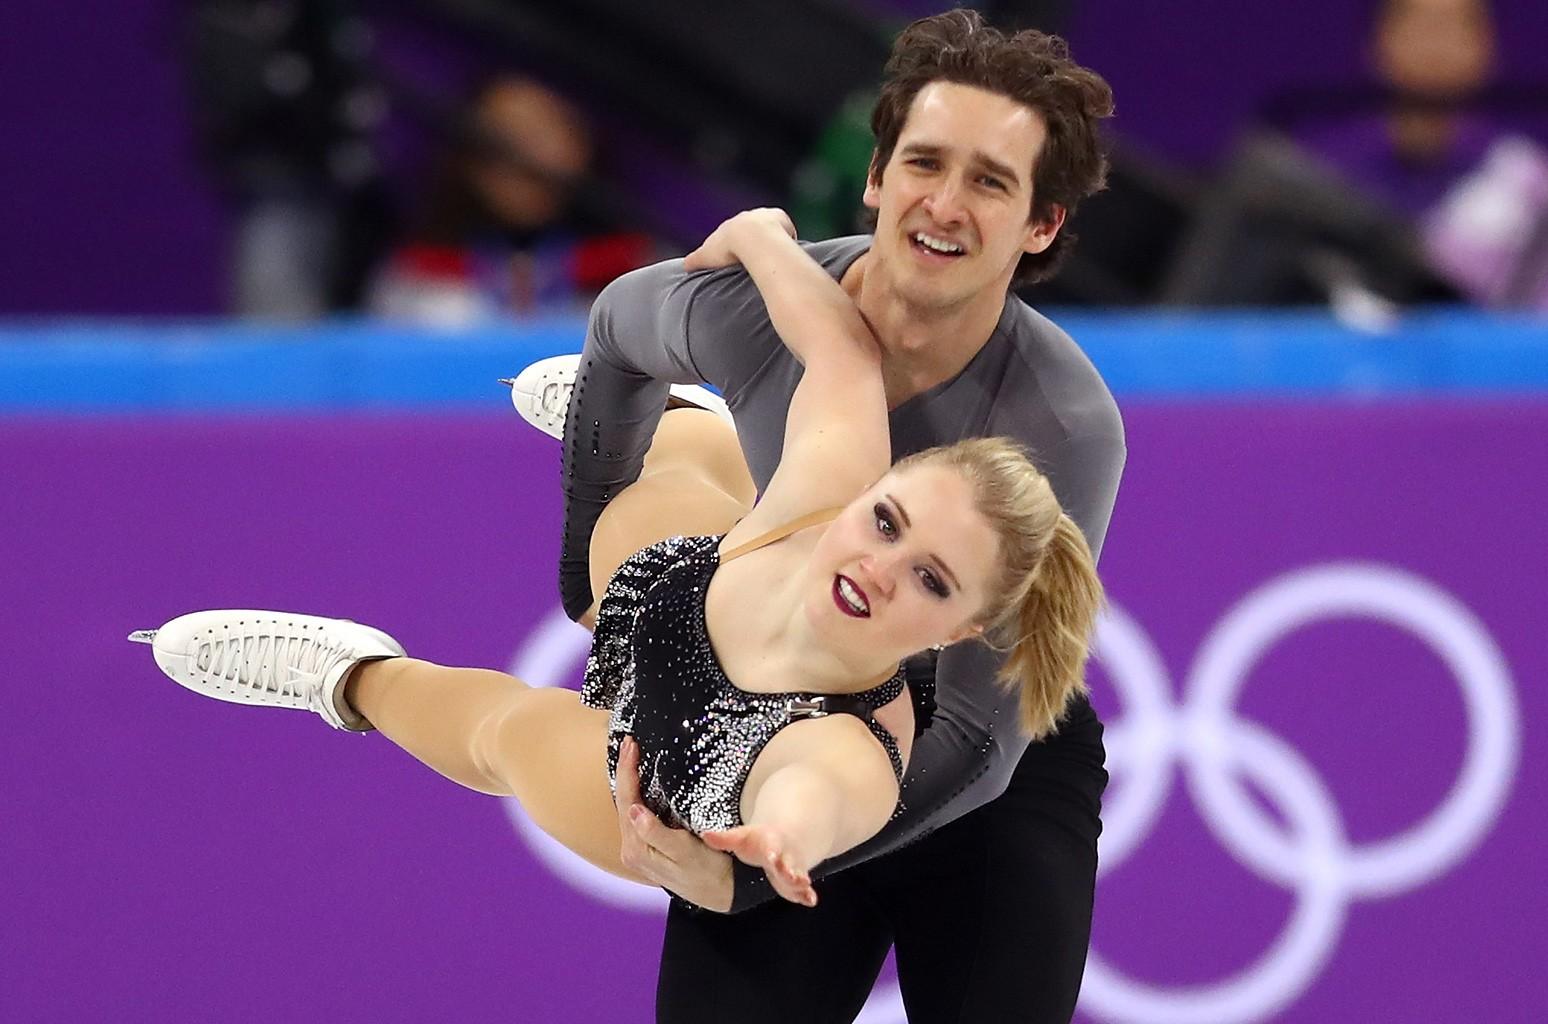 Julianne Seguin and Charlie Bilodeau of Canada